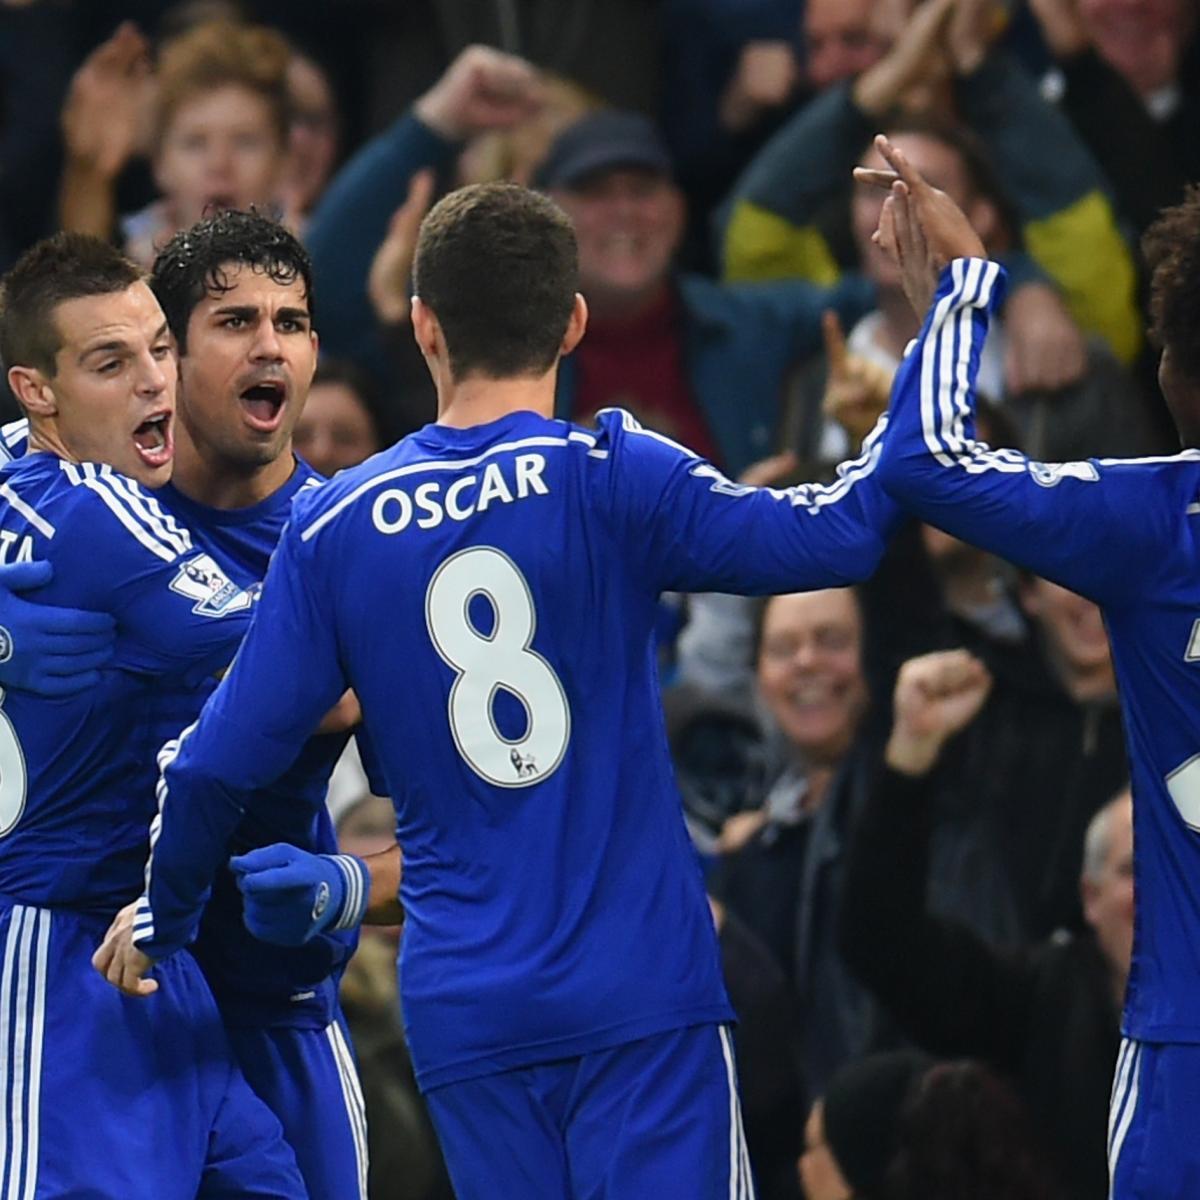 Ajax Vs Tottenham Hotspur Preview Live Stream Tv Info: Chelsea Vs. Tottenham: Date, Time, Live Stream, TV Info